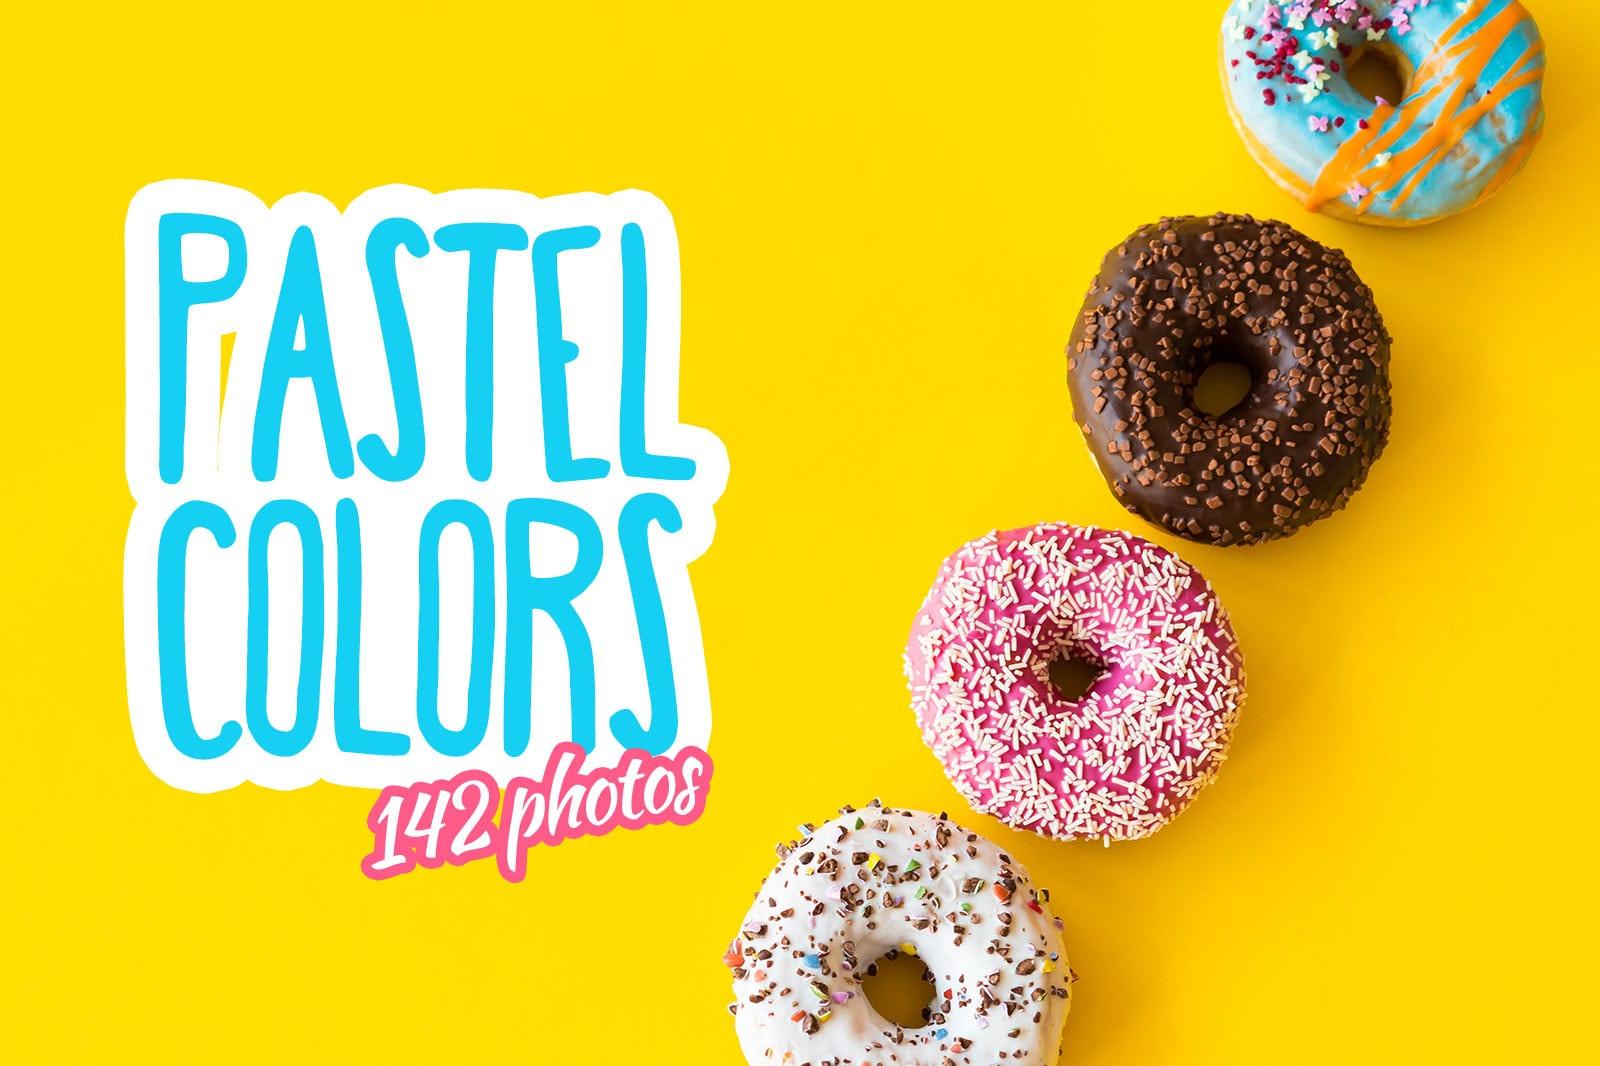 cover pastel colors collection - Česká fotobanka picjumbo vydala novou fotokolekci plnou pastelových barev